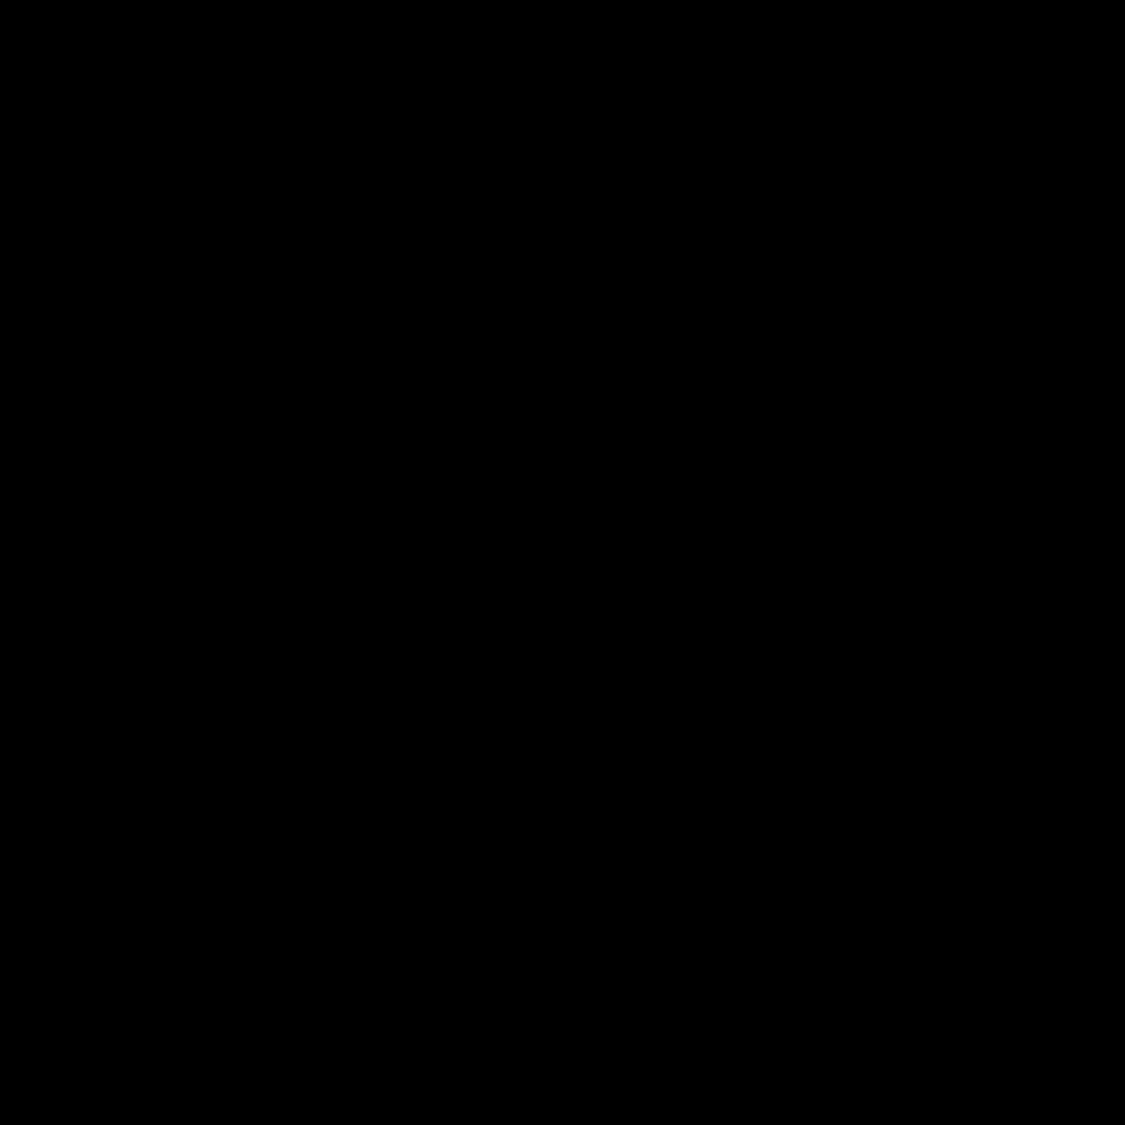 https://anafexmainteriorismo.com/wp-content/uploads/2018/06/designers-guild-logo-png-transparent-e1530018757255.png